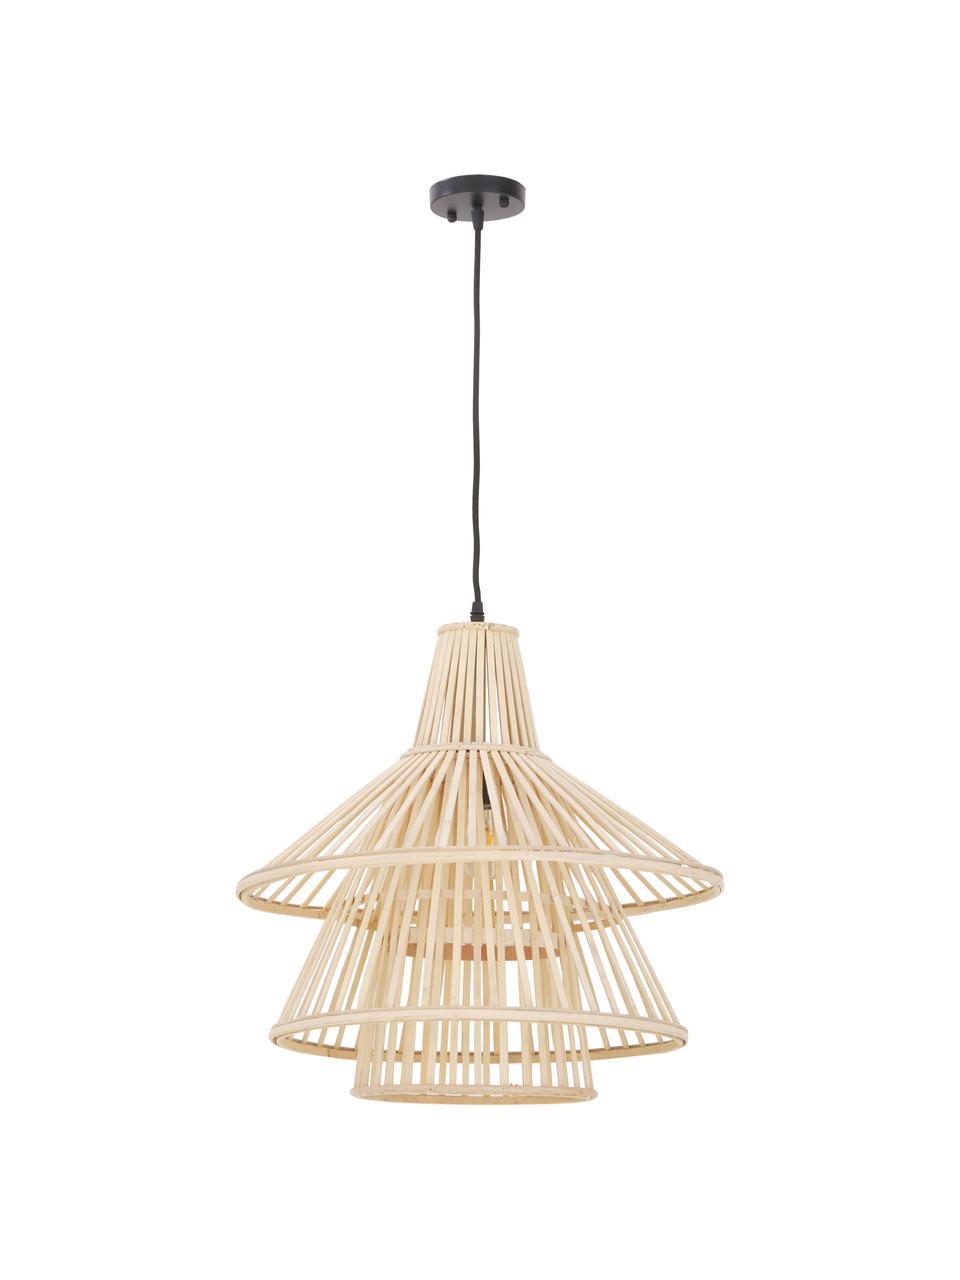 Lampa wisząca z drewna bambusowego Kamil, Beżowy, czarny, Ø 48 cm x W 51 cm